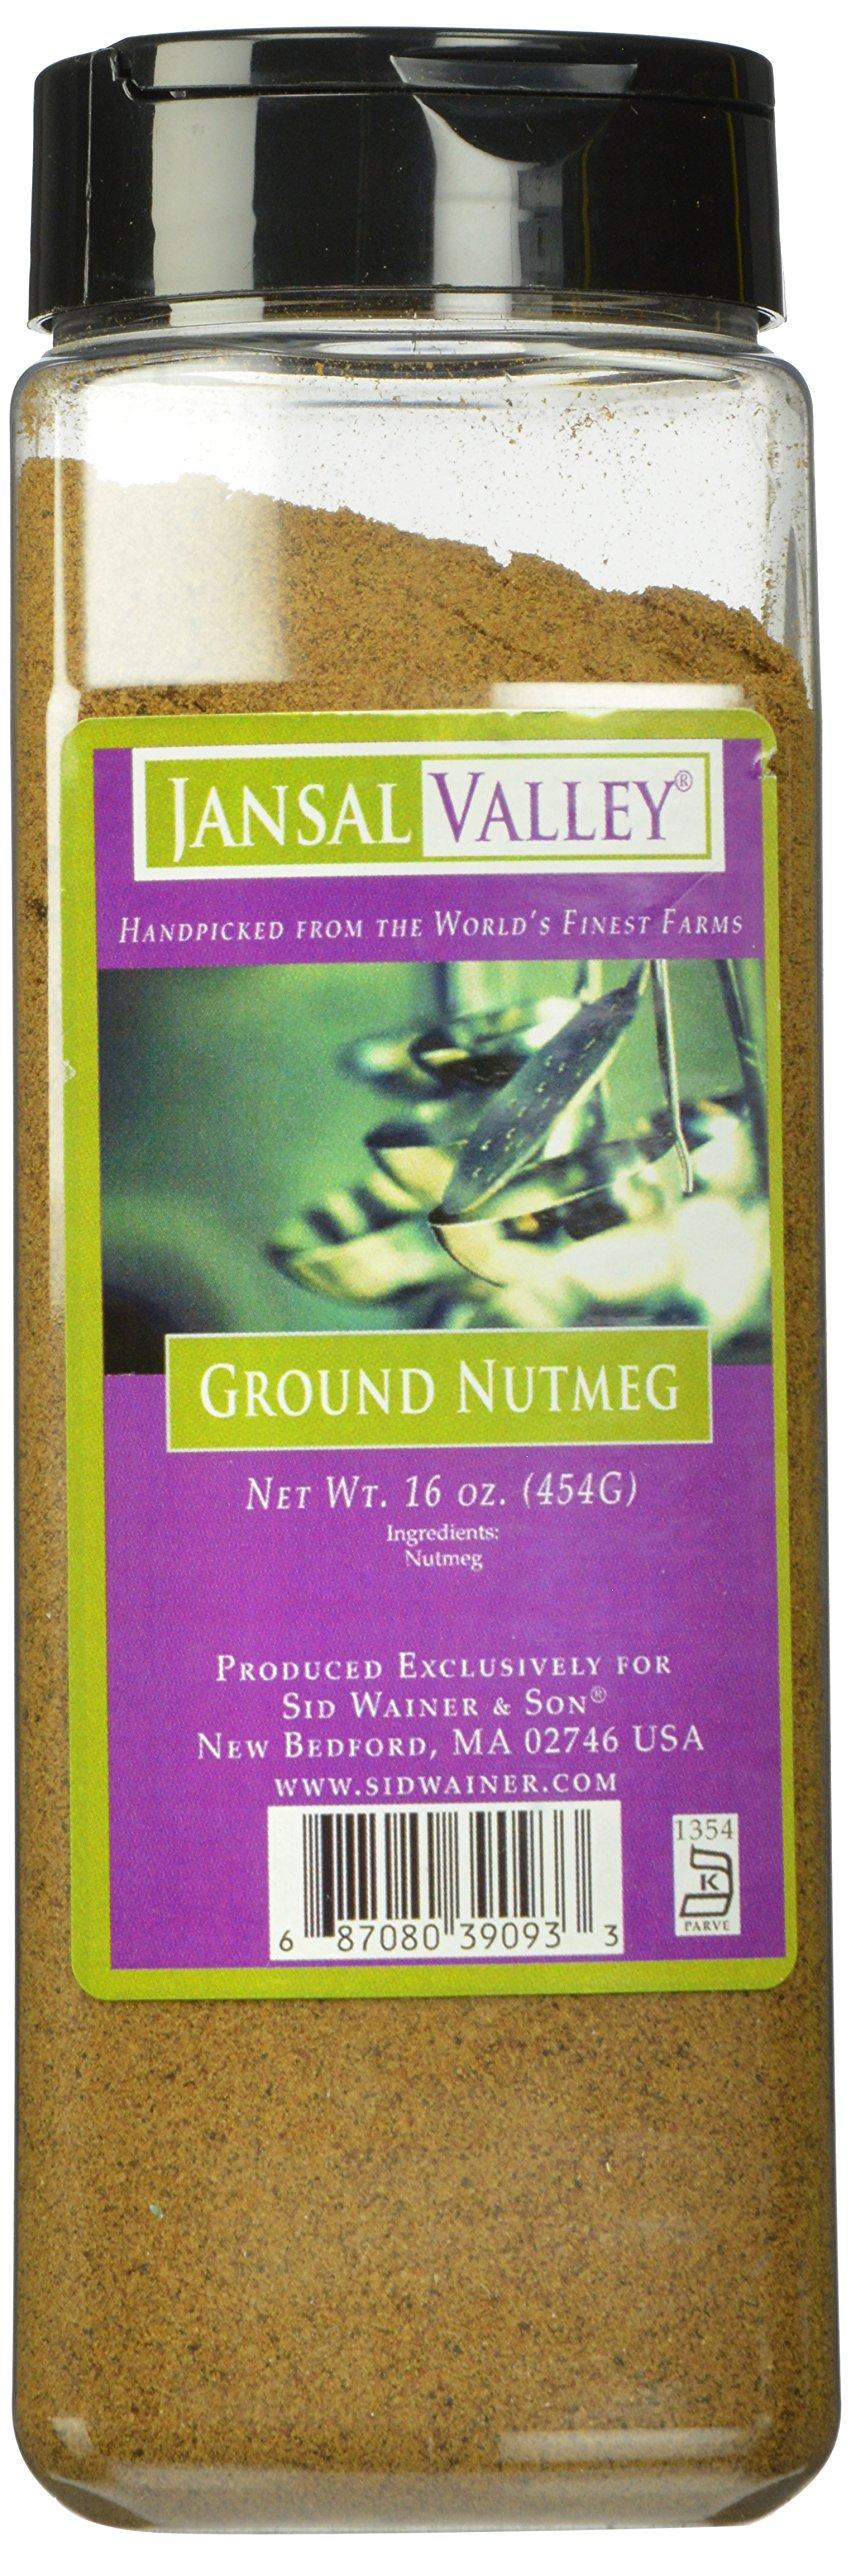 Jansal Valley Ground Nutmeg, 16 Ounce